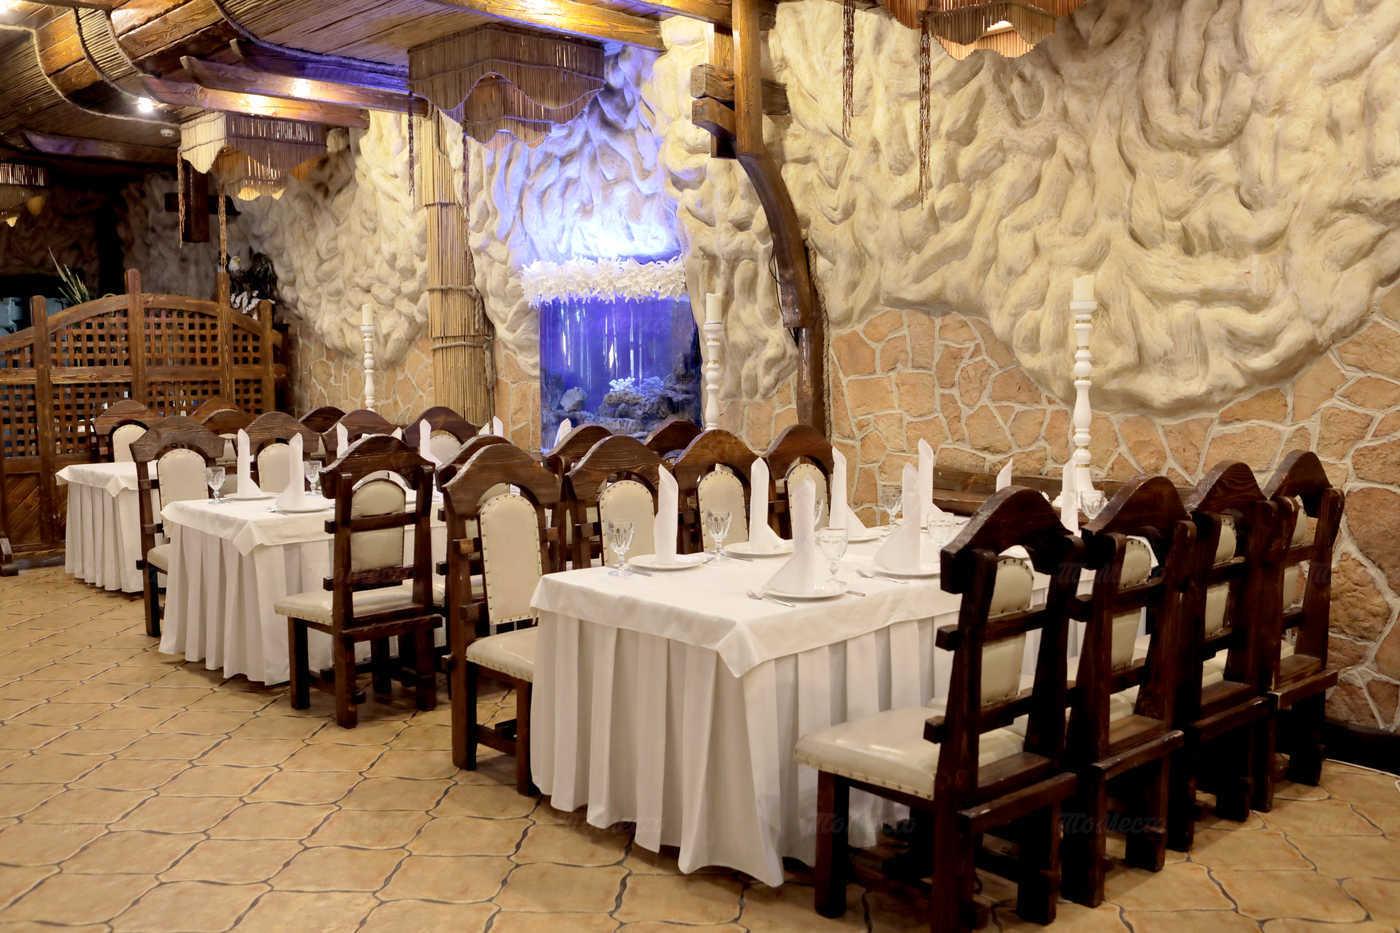 современный, качественный г тбилиси ресторан фаэтон фото комментариях можете поделится